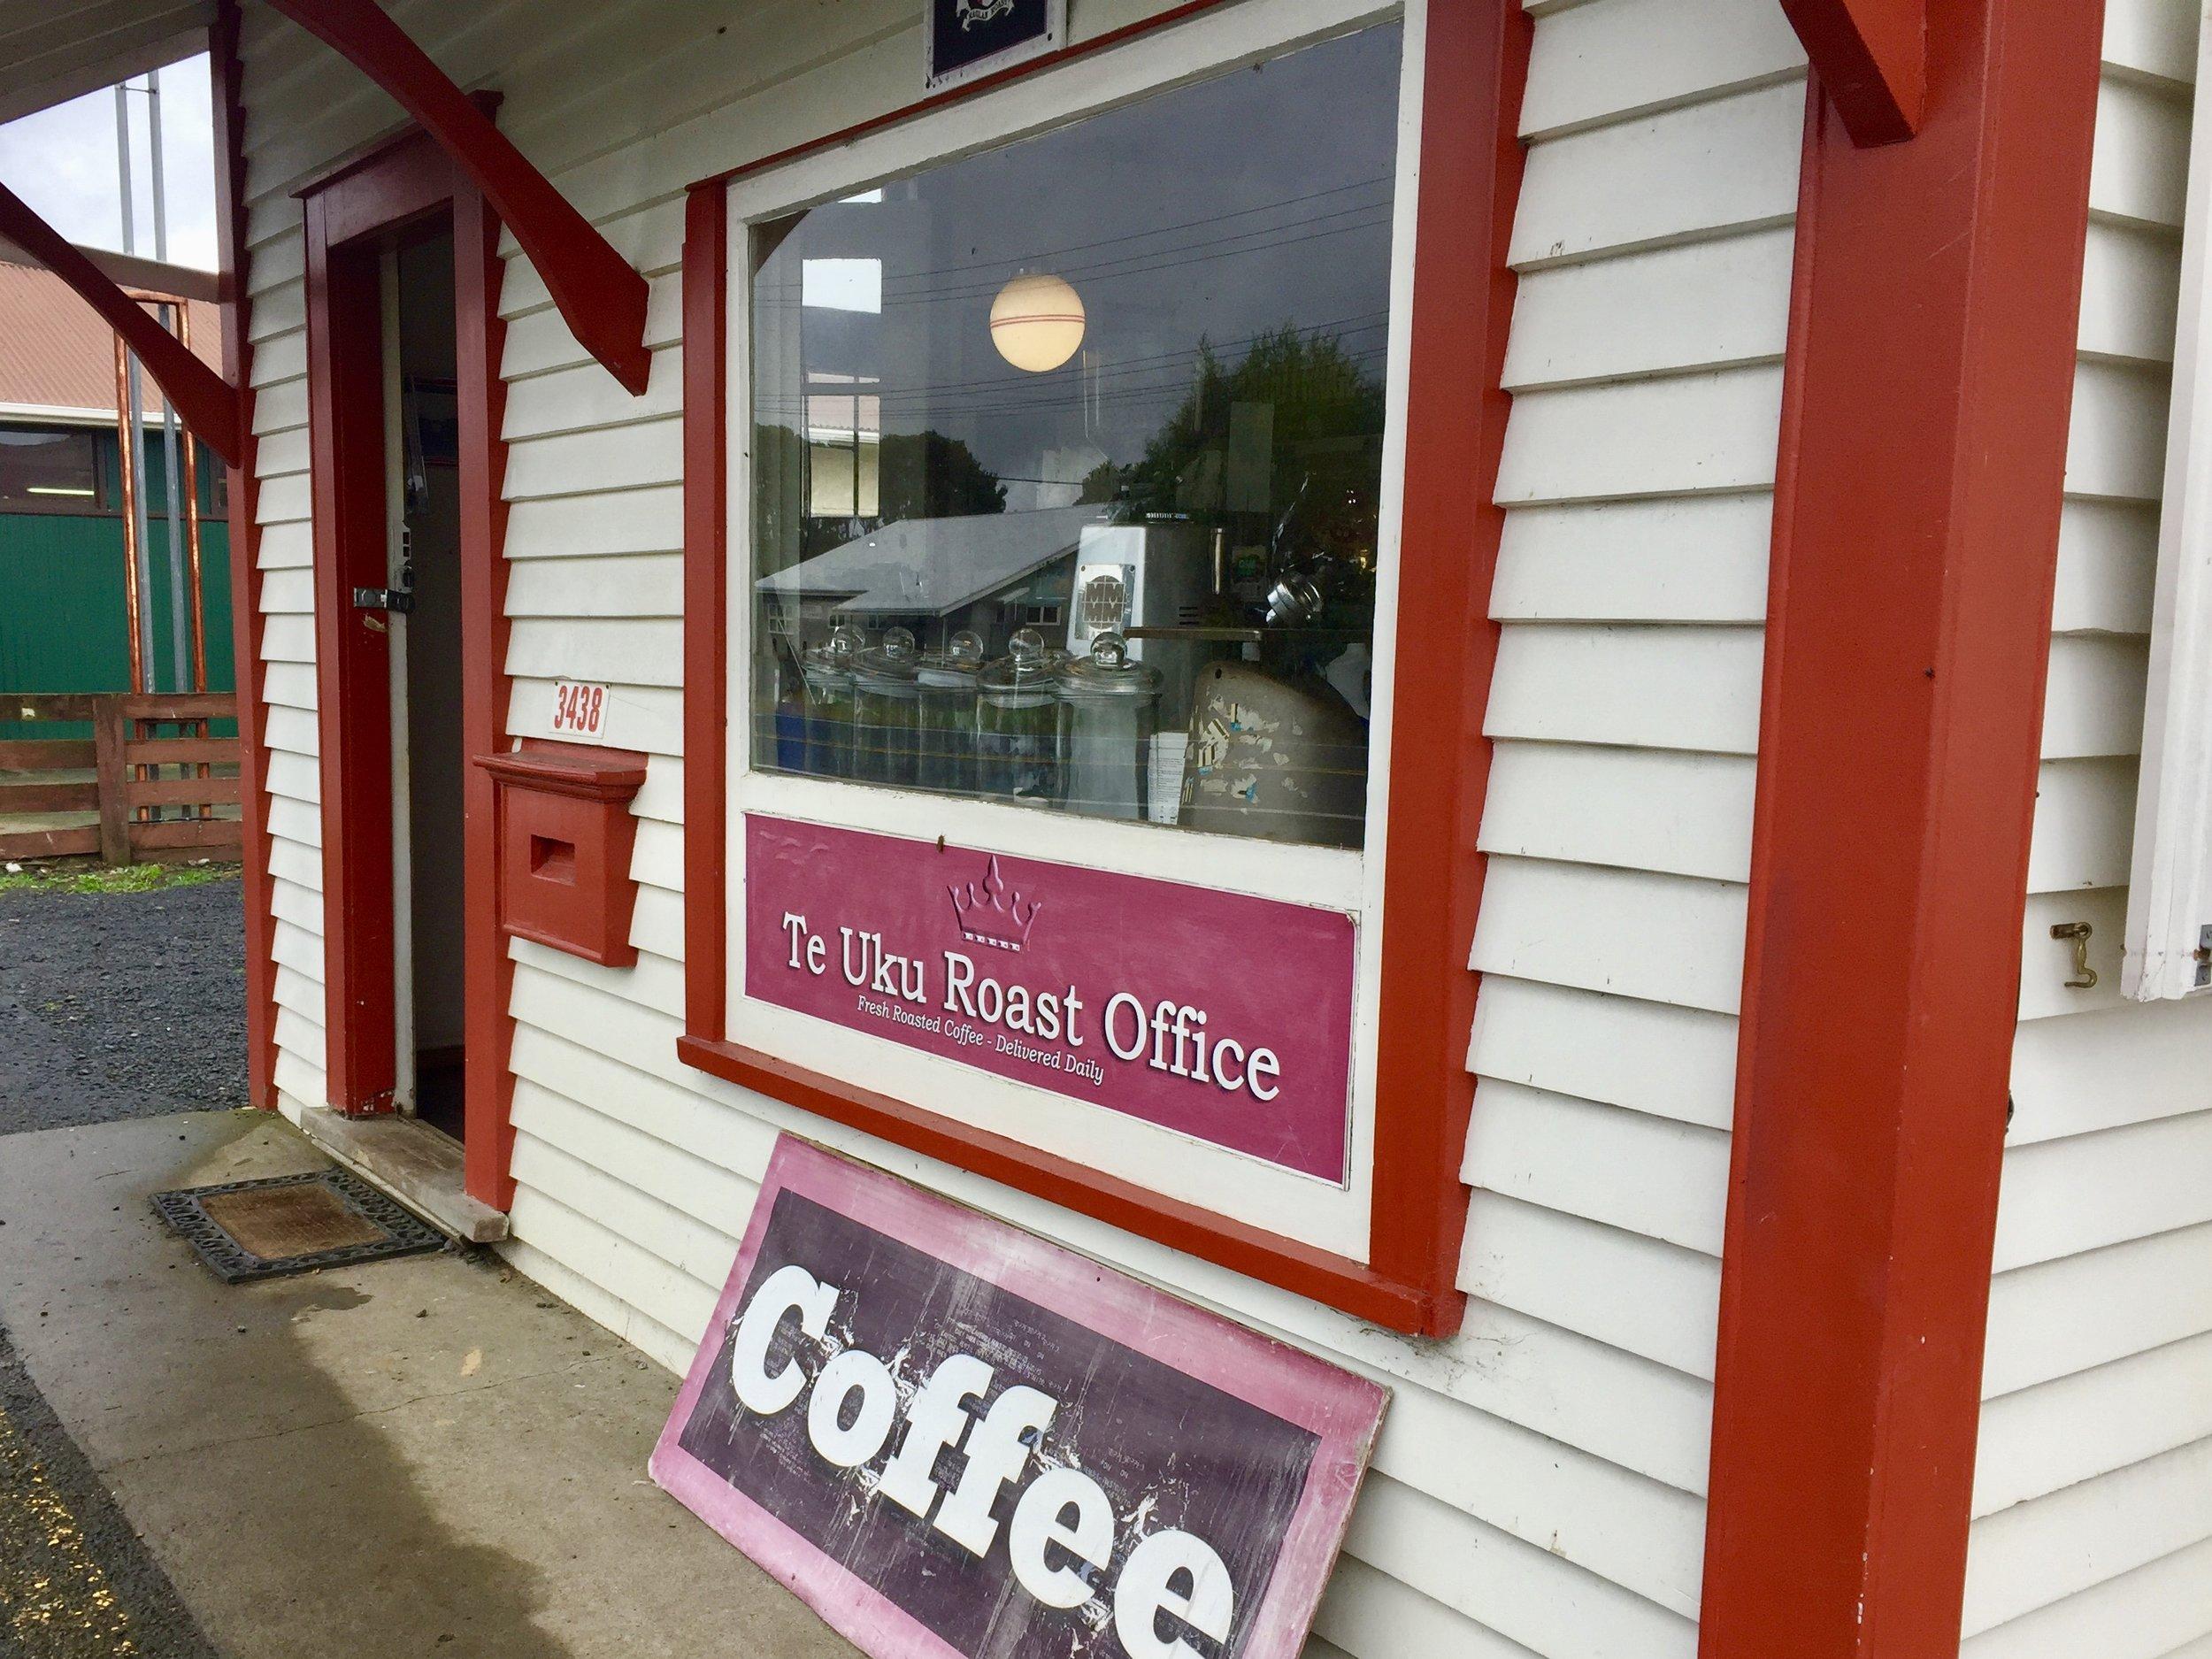 Te Uku Roast Office